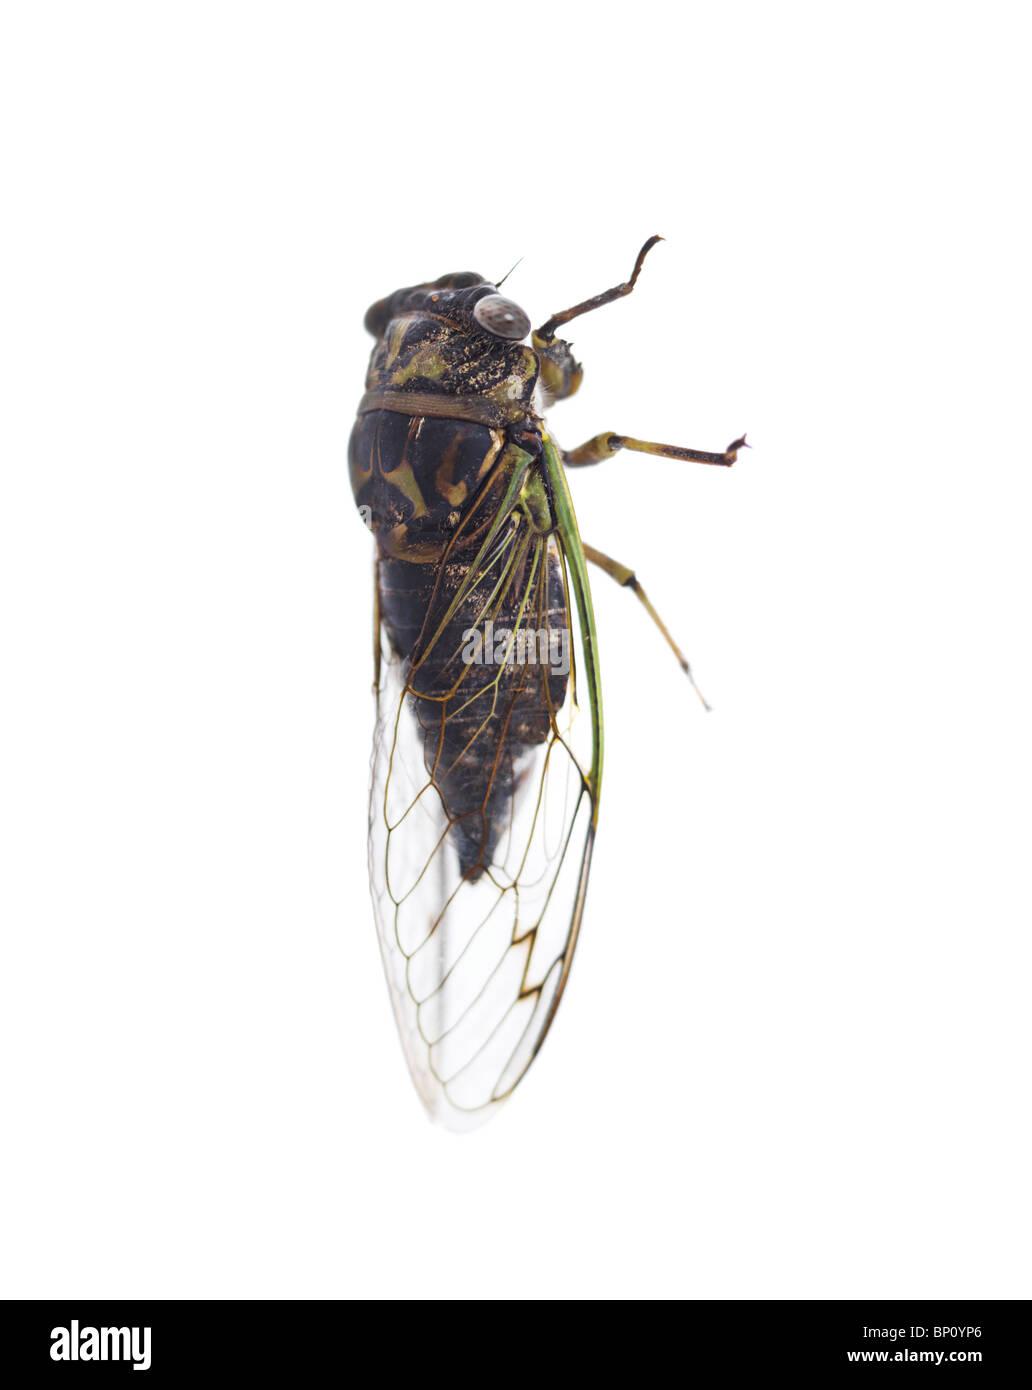 Jährliche Zikade - Tibicen Canicularis isoliert auf weißem Hintergrund. Ontario, Kanada. Stockbild